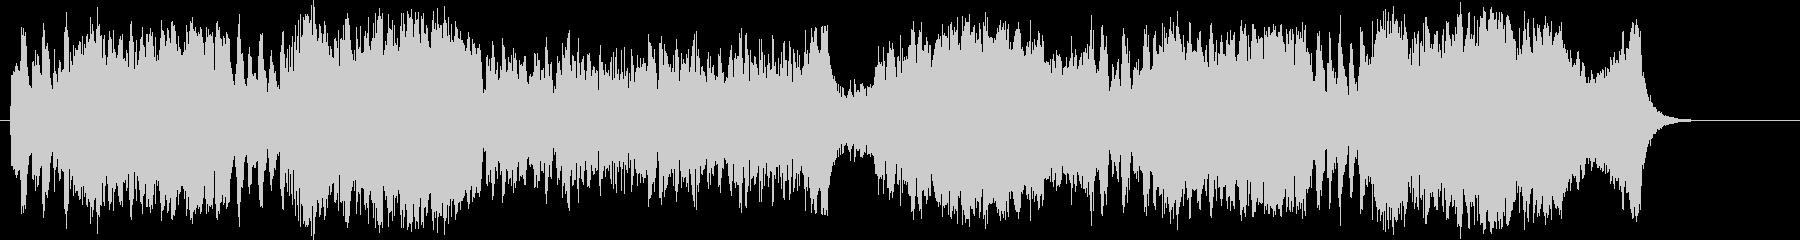 奔放なオーケストラ・サウンドの未再生の波形